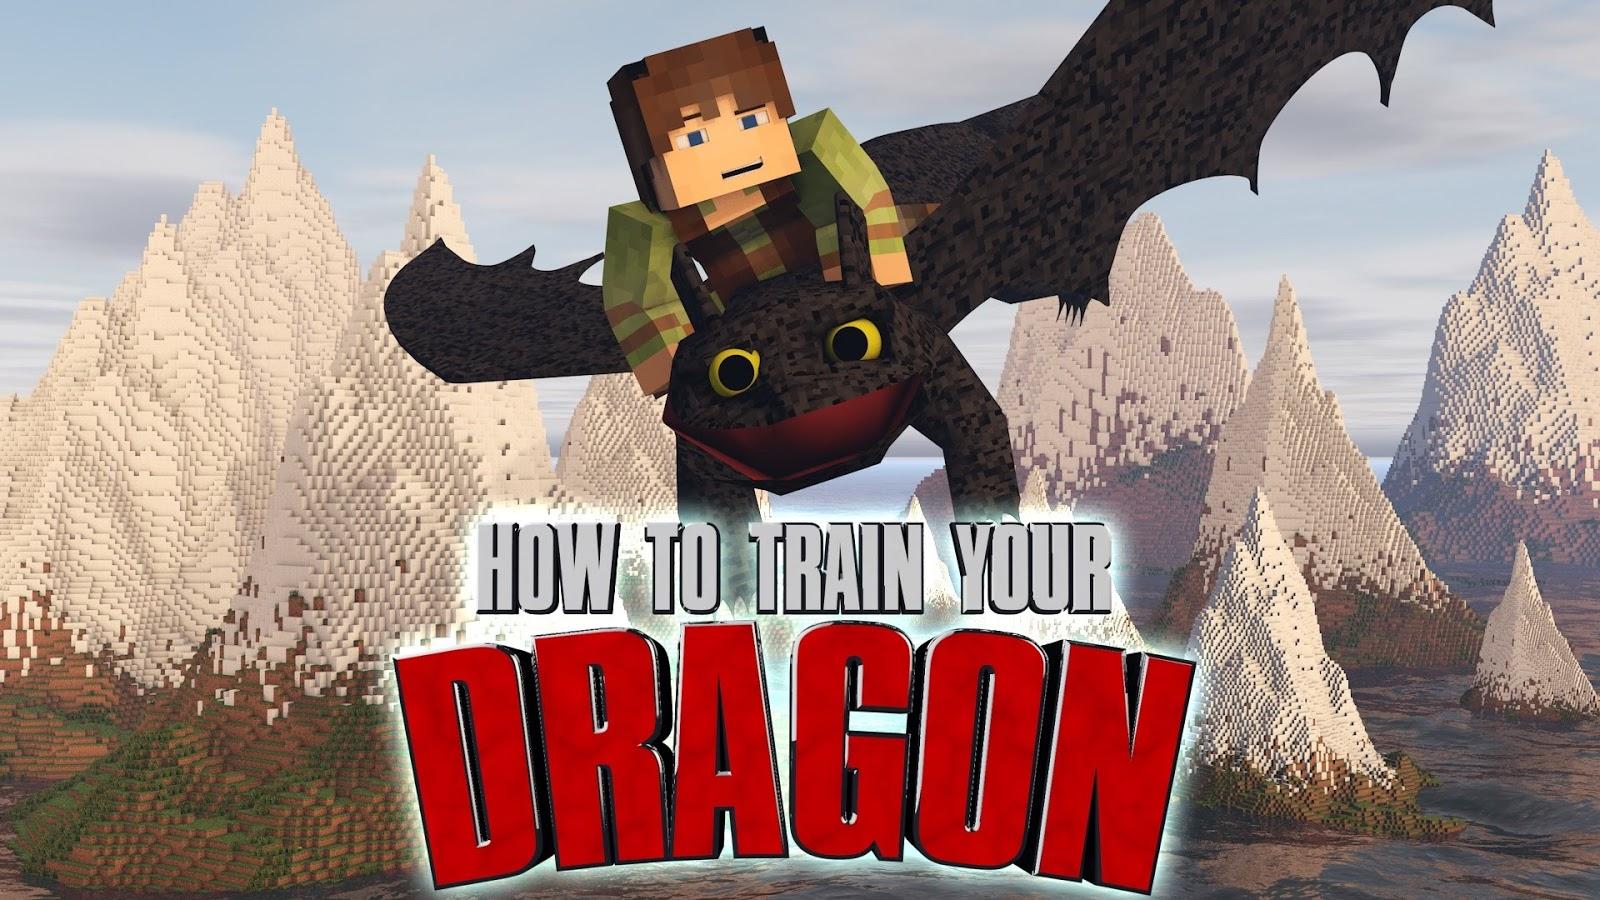 скачать мод как приручить дракона для майнкрафт #5